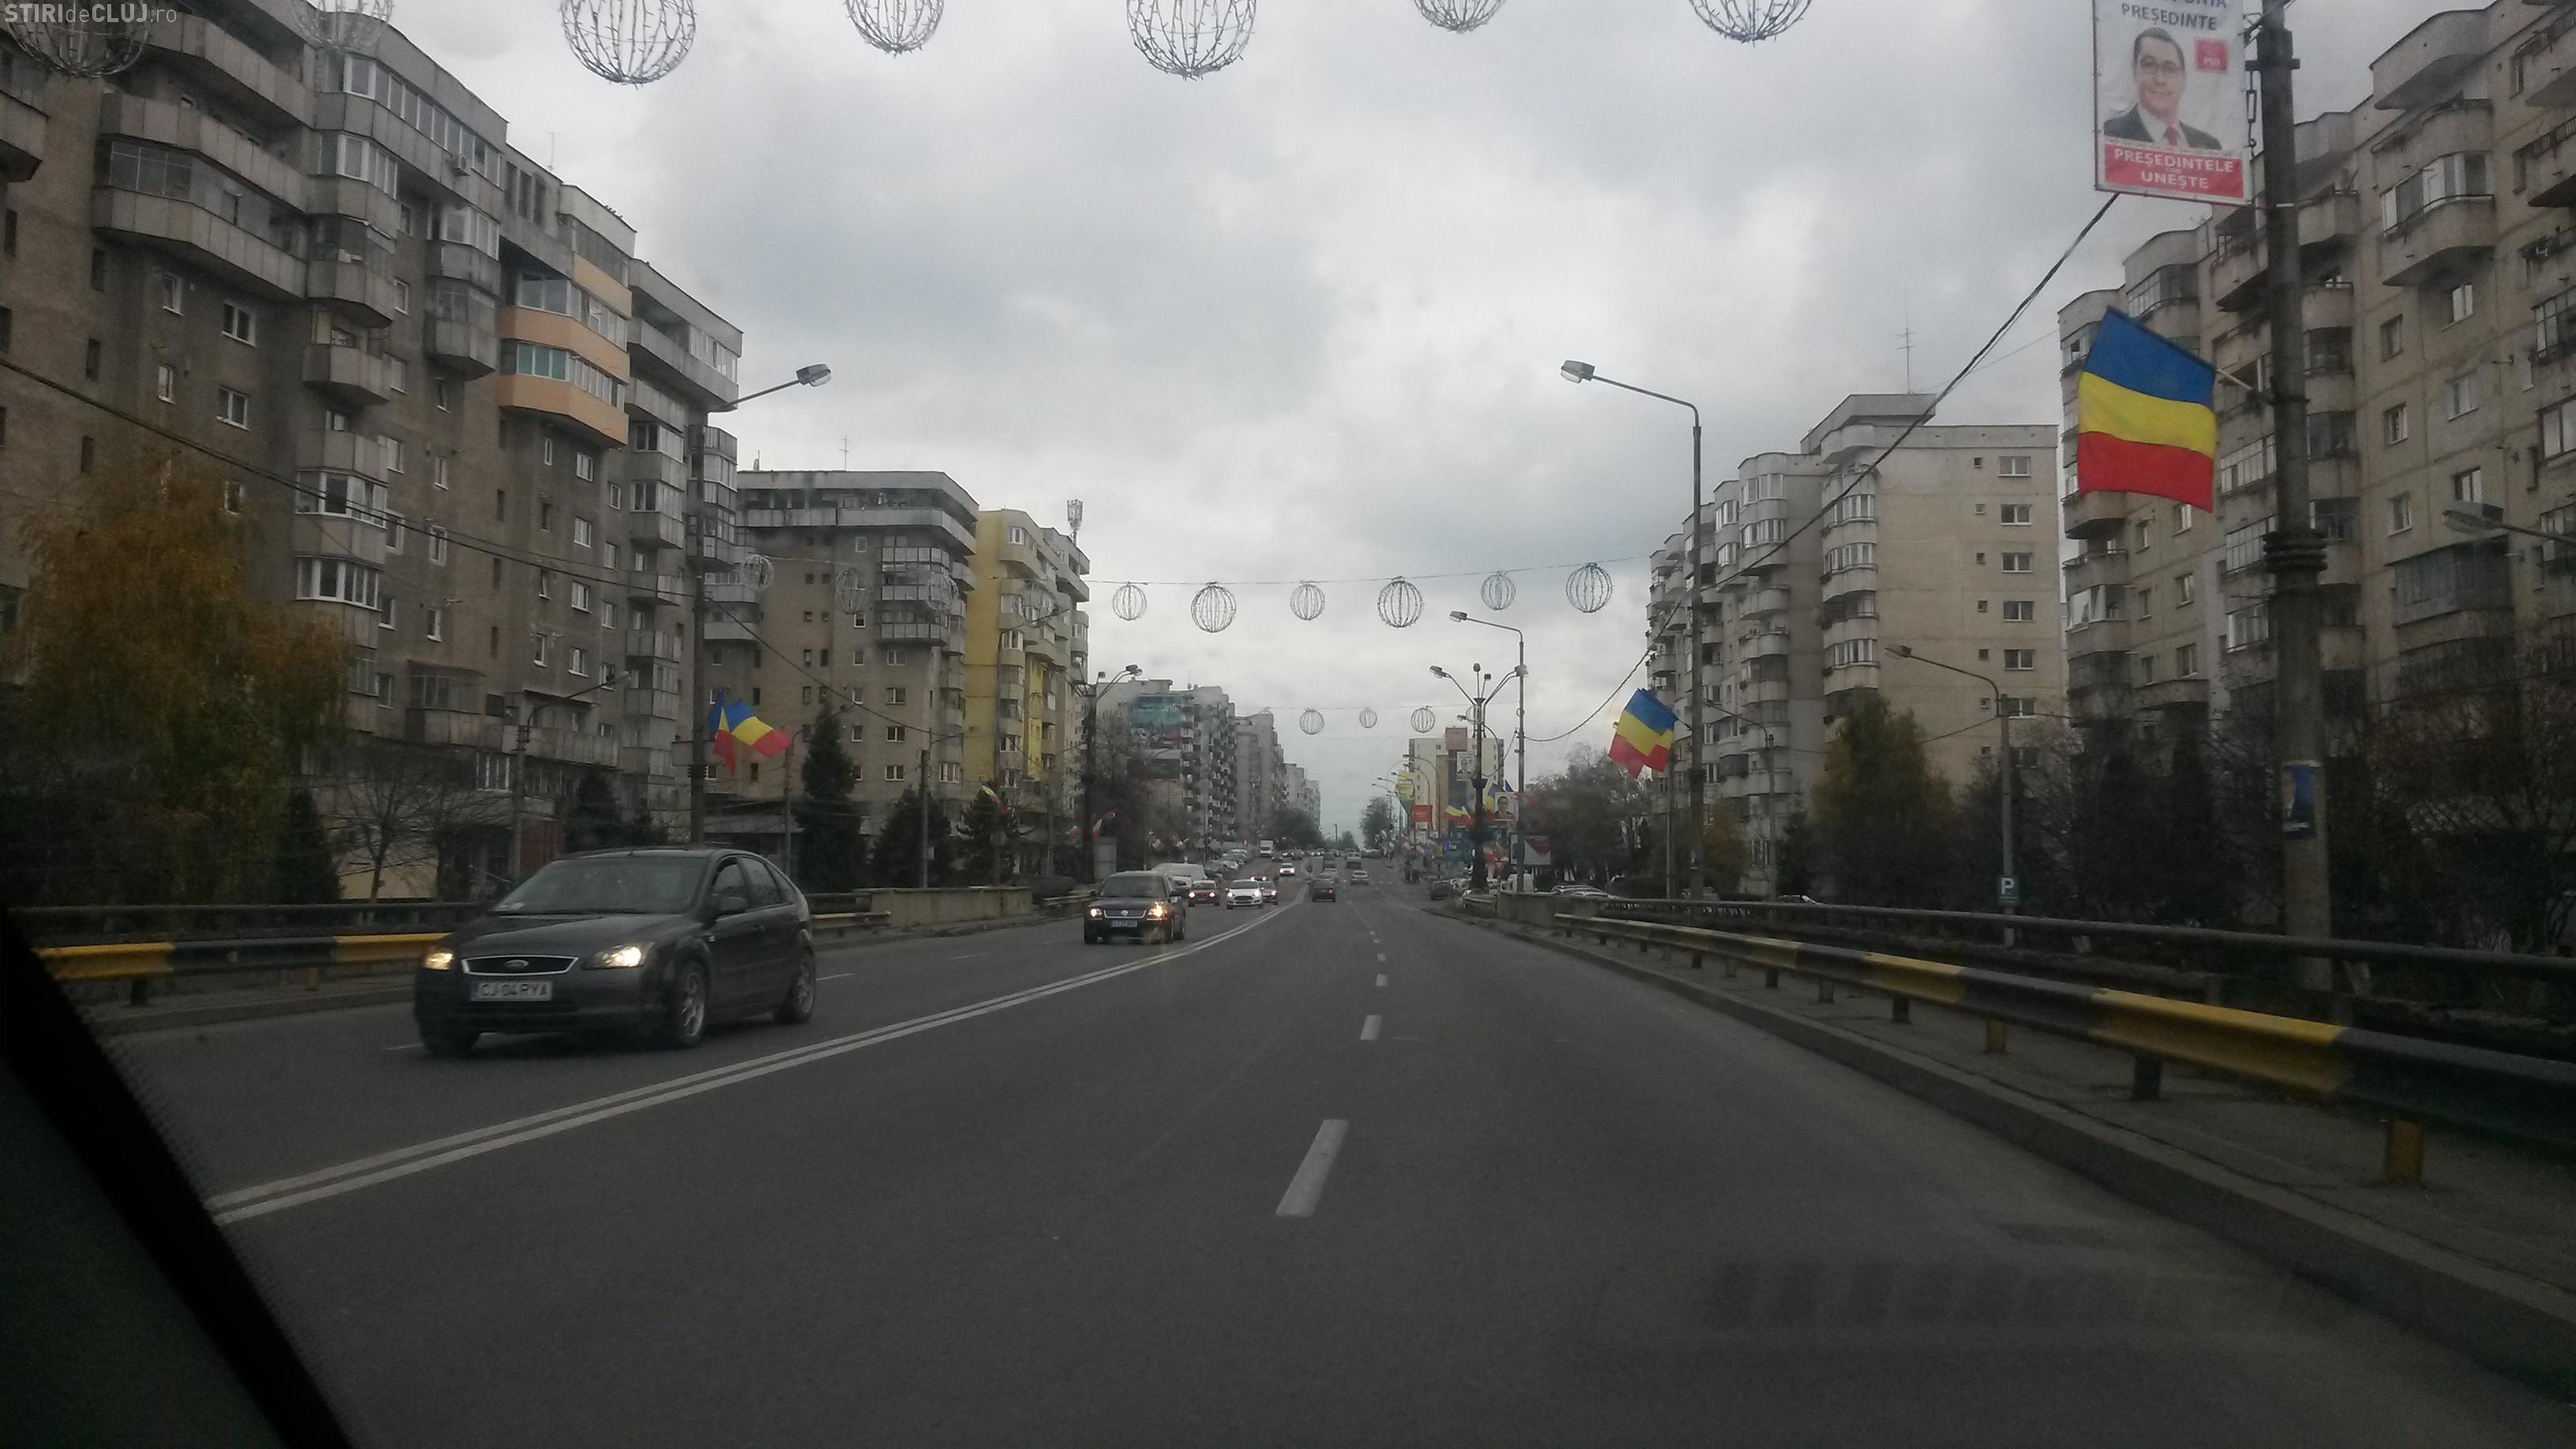 Iohannis a plecat din Cluj, dar Ponta e tot AICI - FOTO - Ce spune primarul Emil Boc?